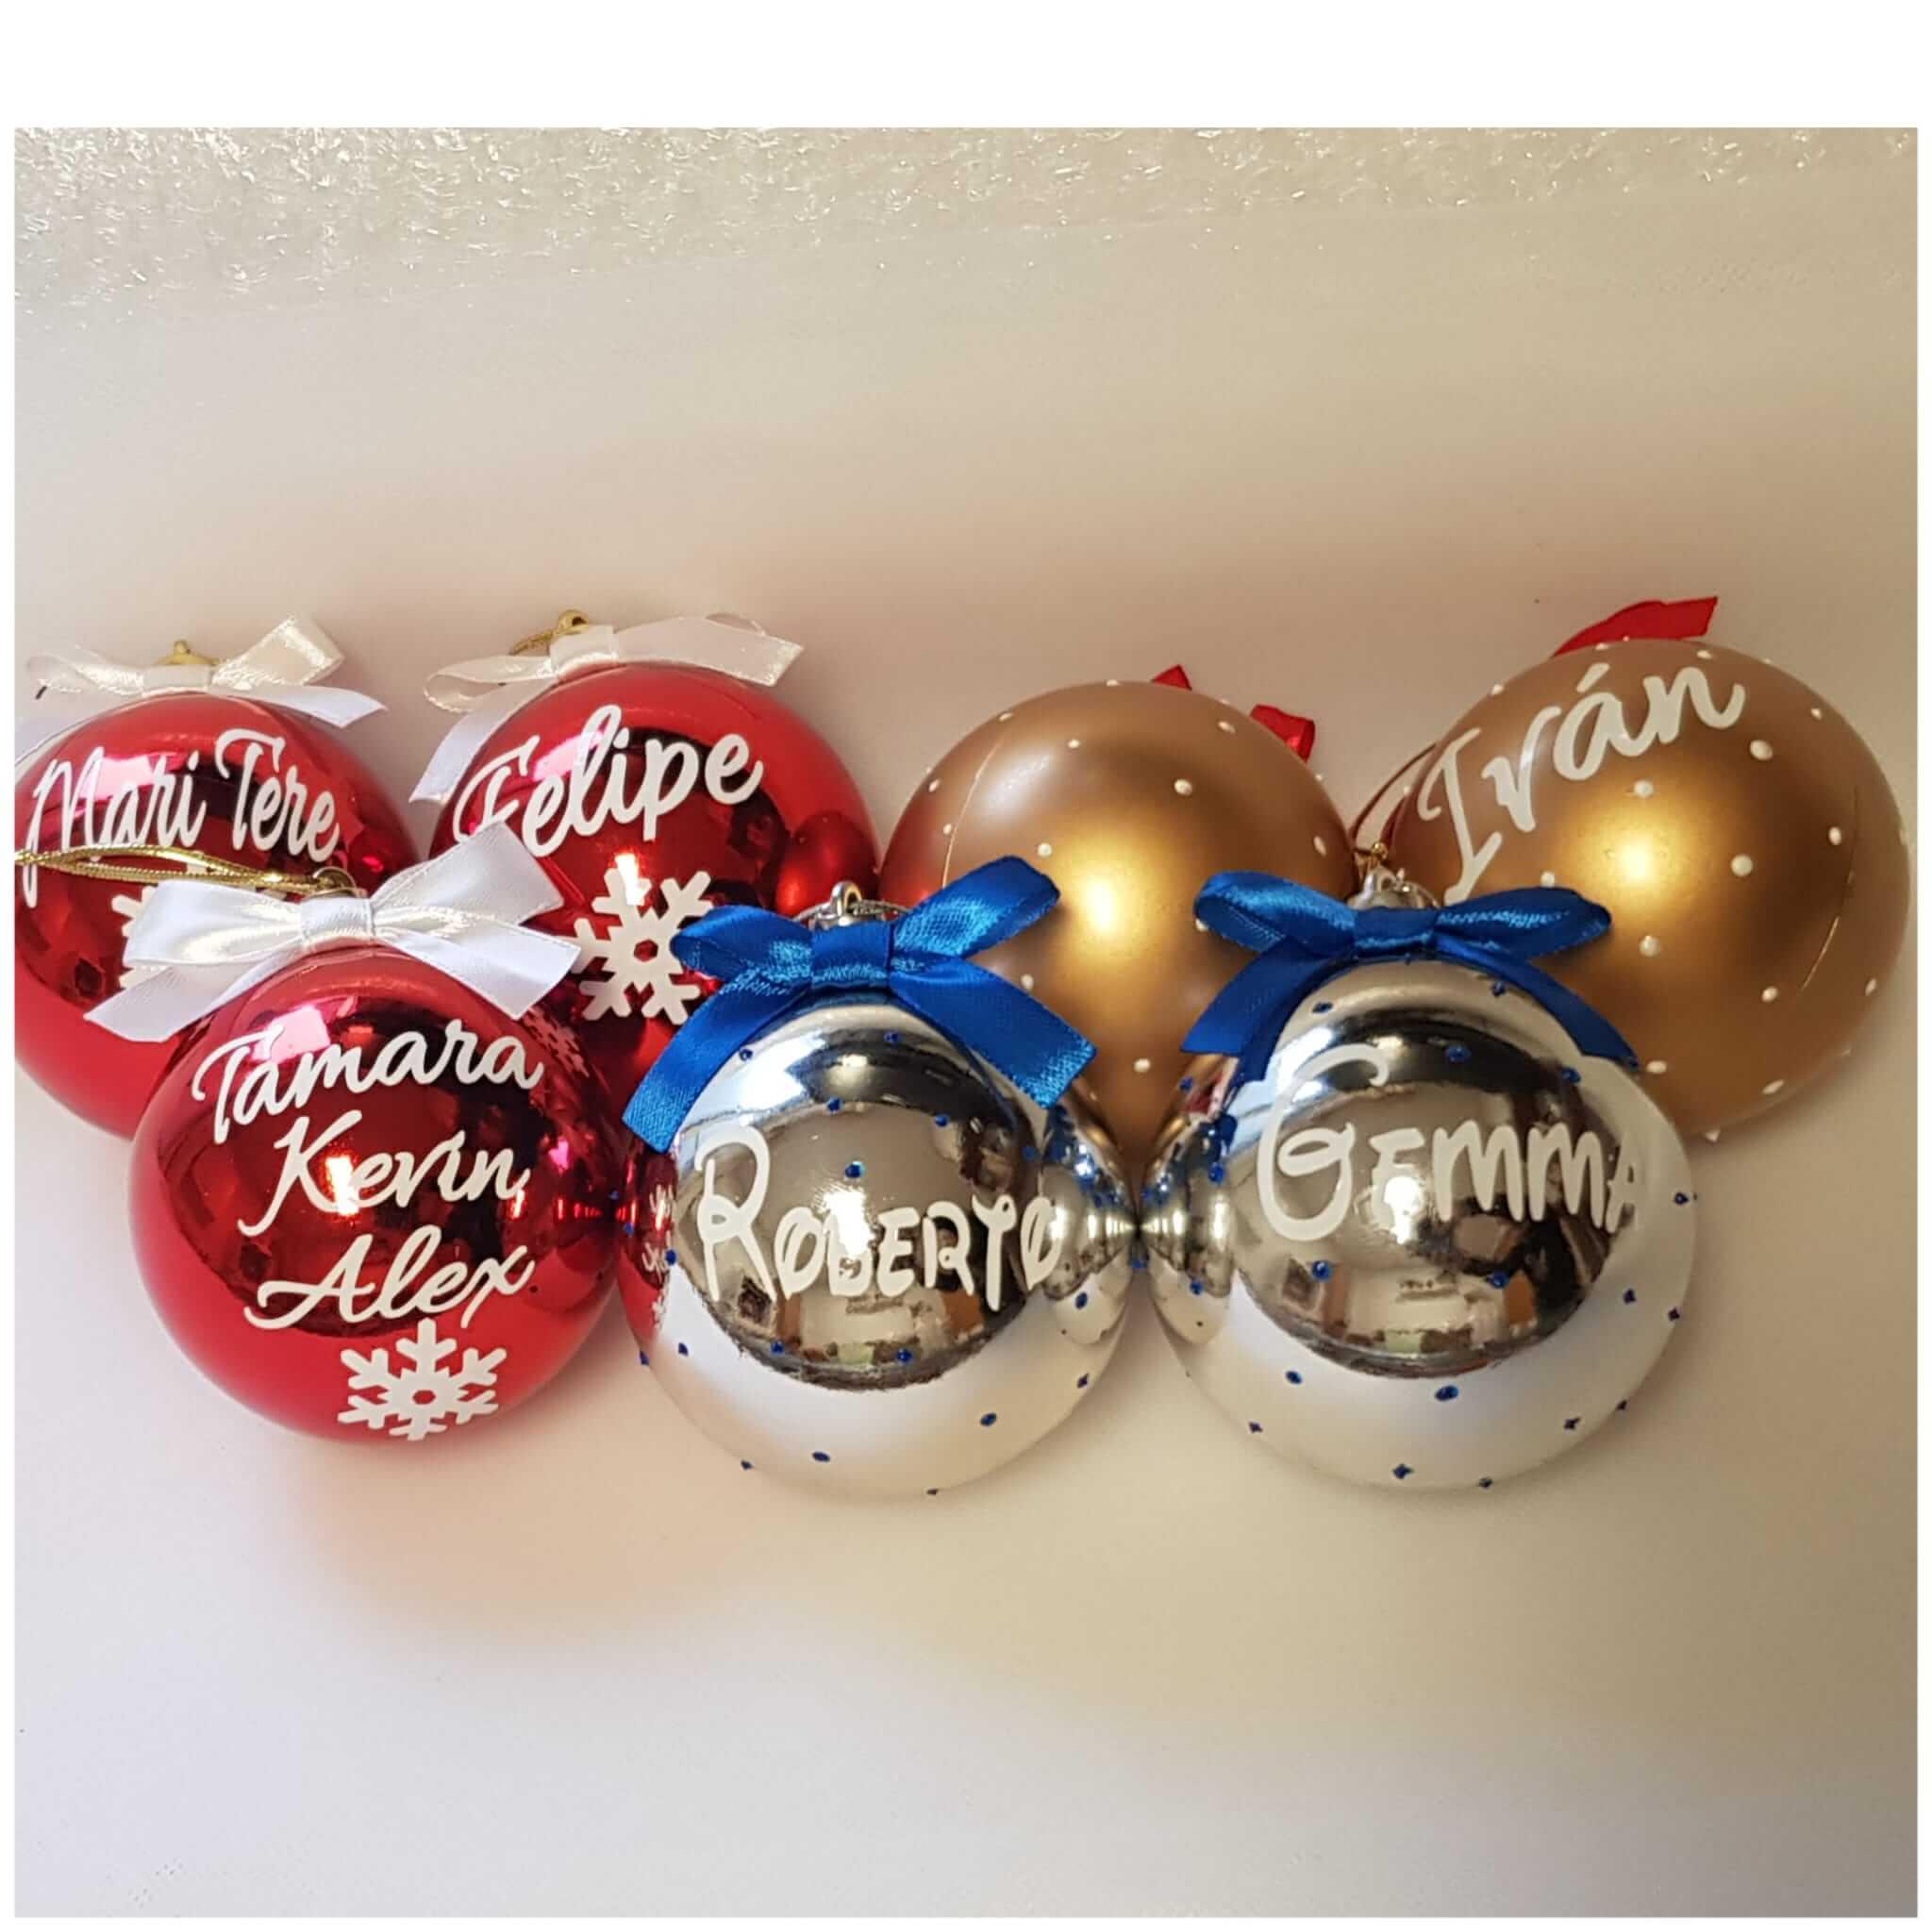 bolas de navidad personalizadas bolas navideñas bola de navidad bolas navidad personalizadas